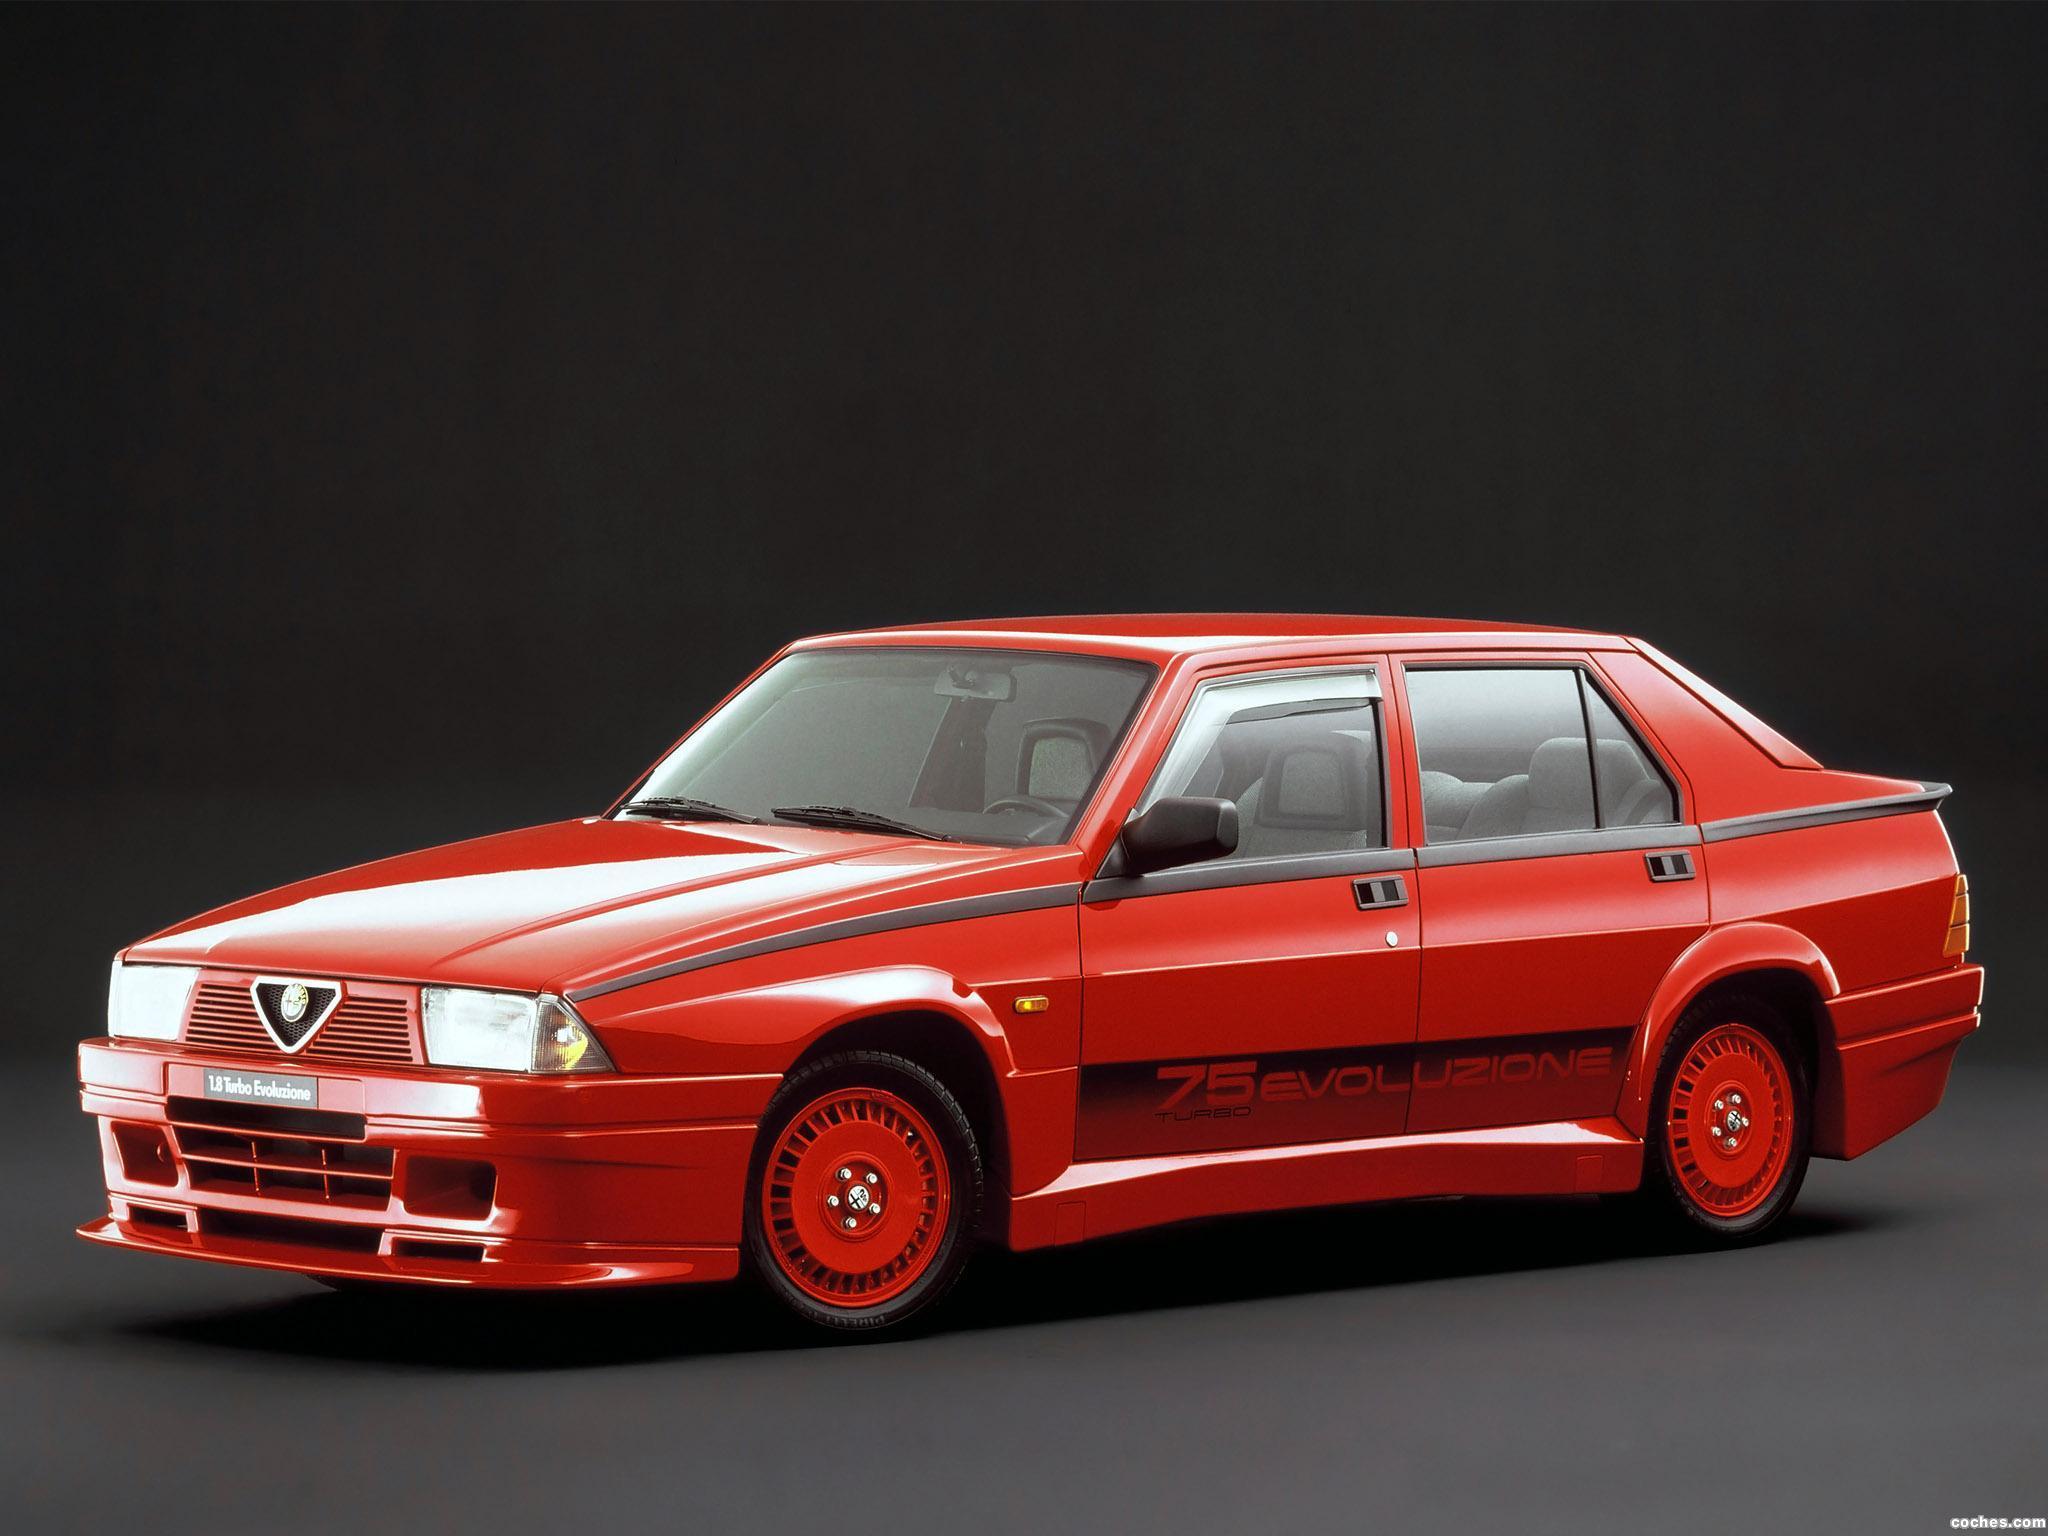 Foto 0 de 75 1.8i Turbo Evoluzione 162 1987